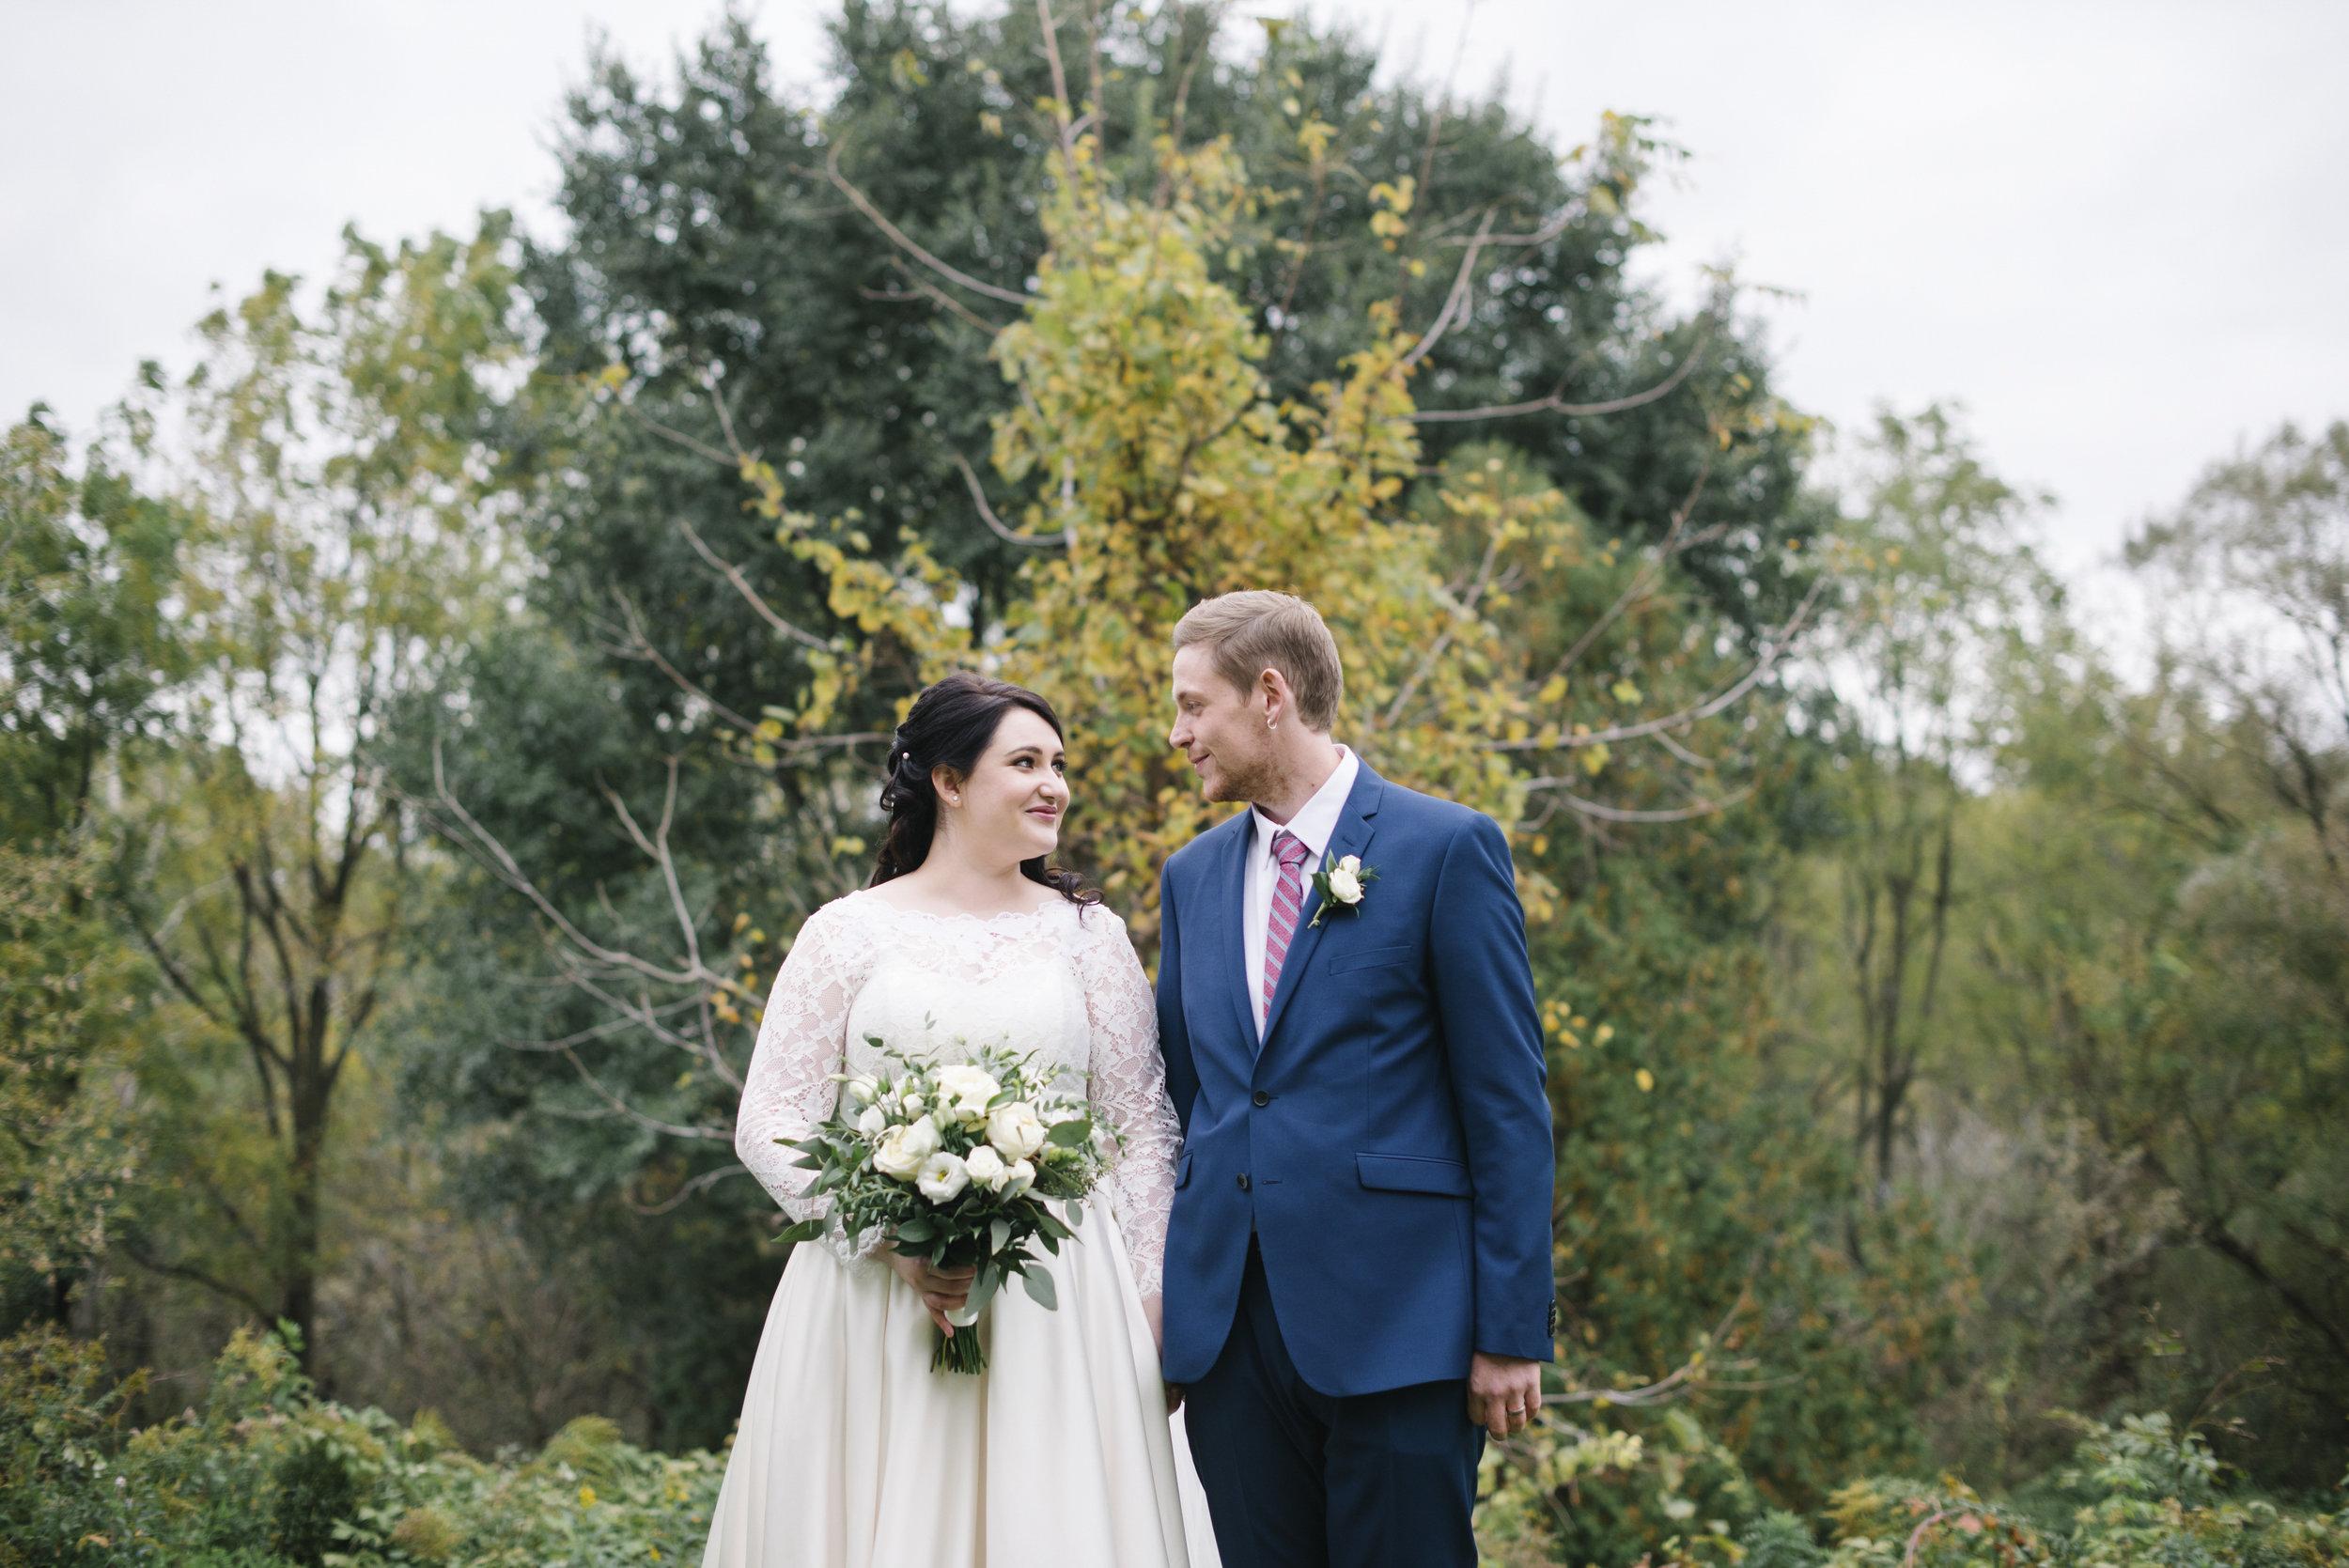 MariaMatt-Wedding-136.JPG